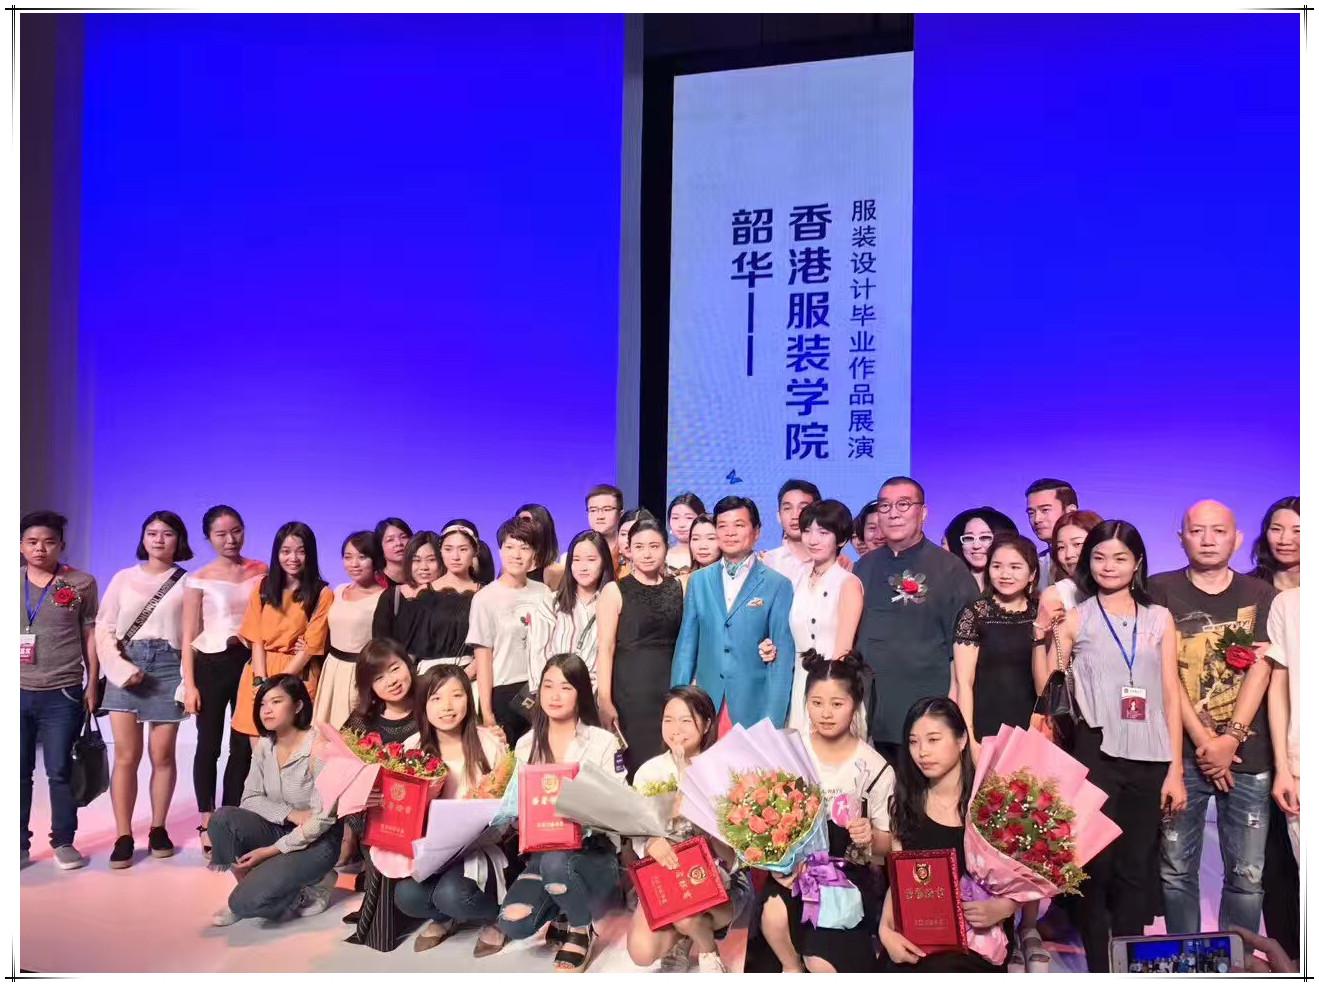 2017广东大学生时装周时装首秀,香港服装学院献上华丽视觉盛宴